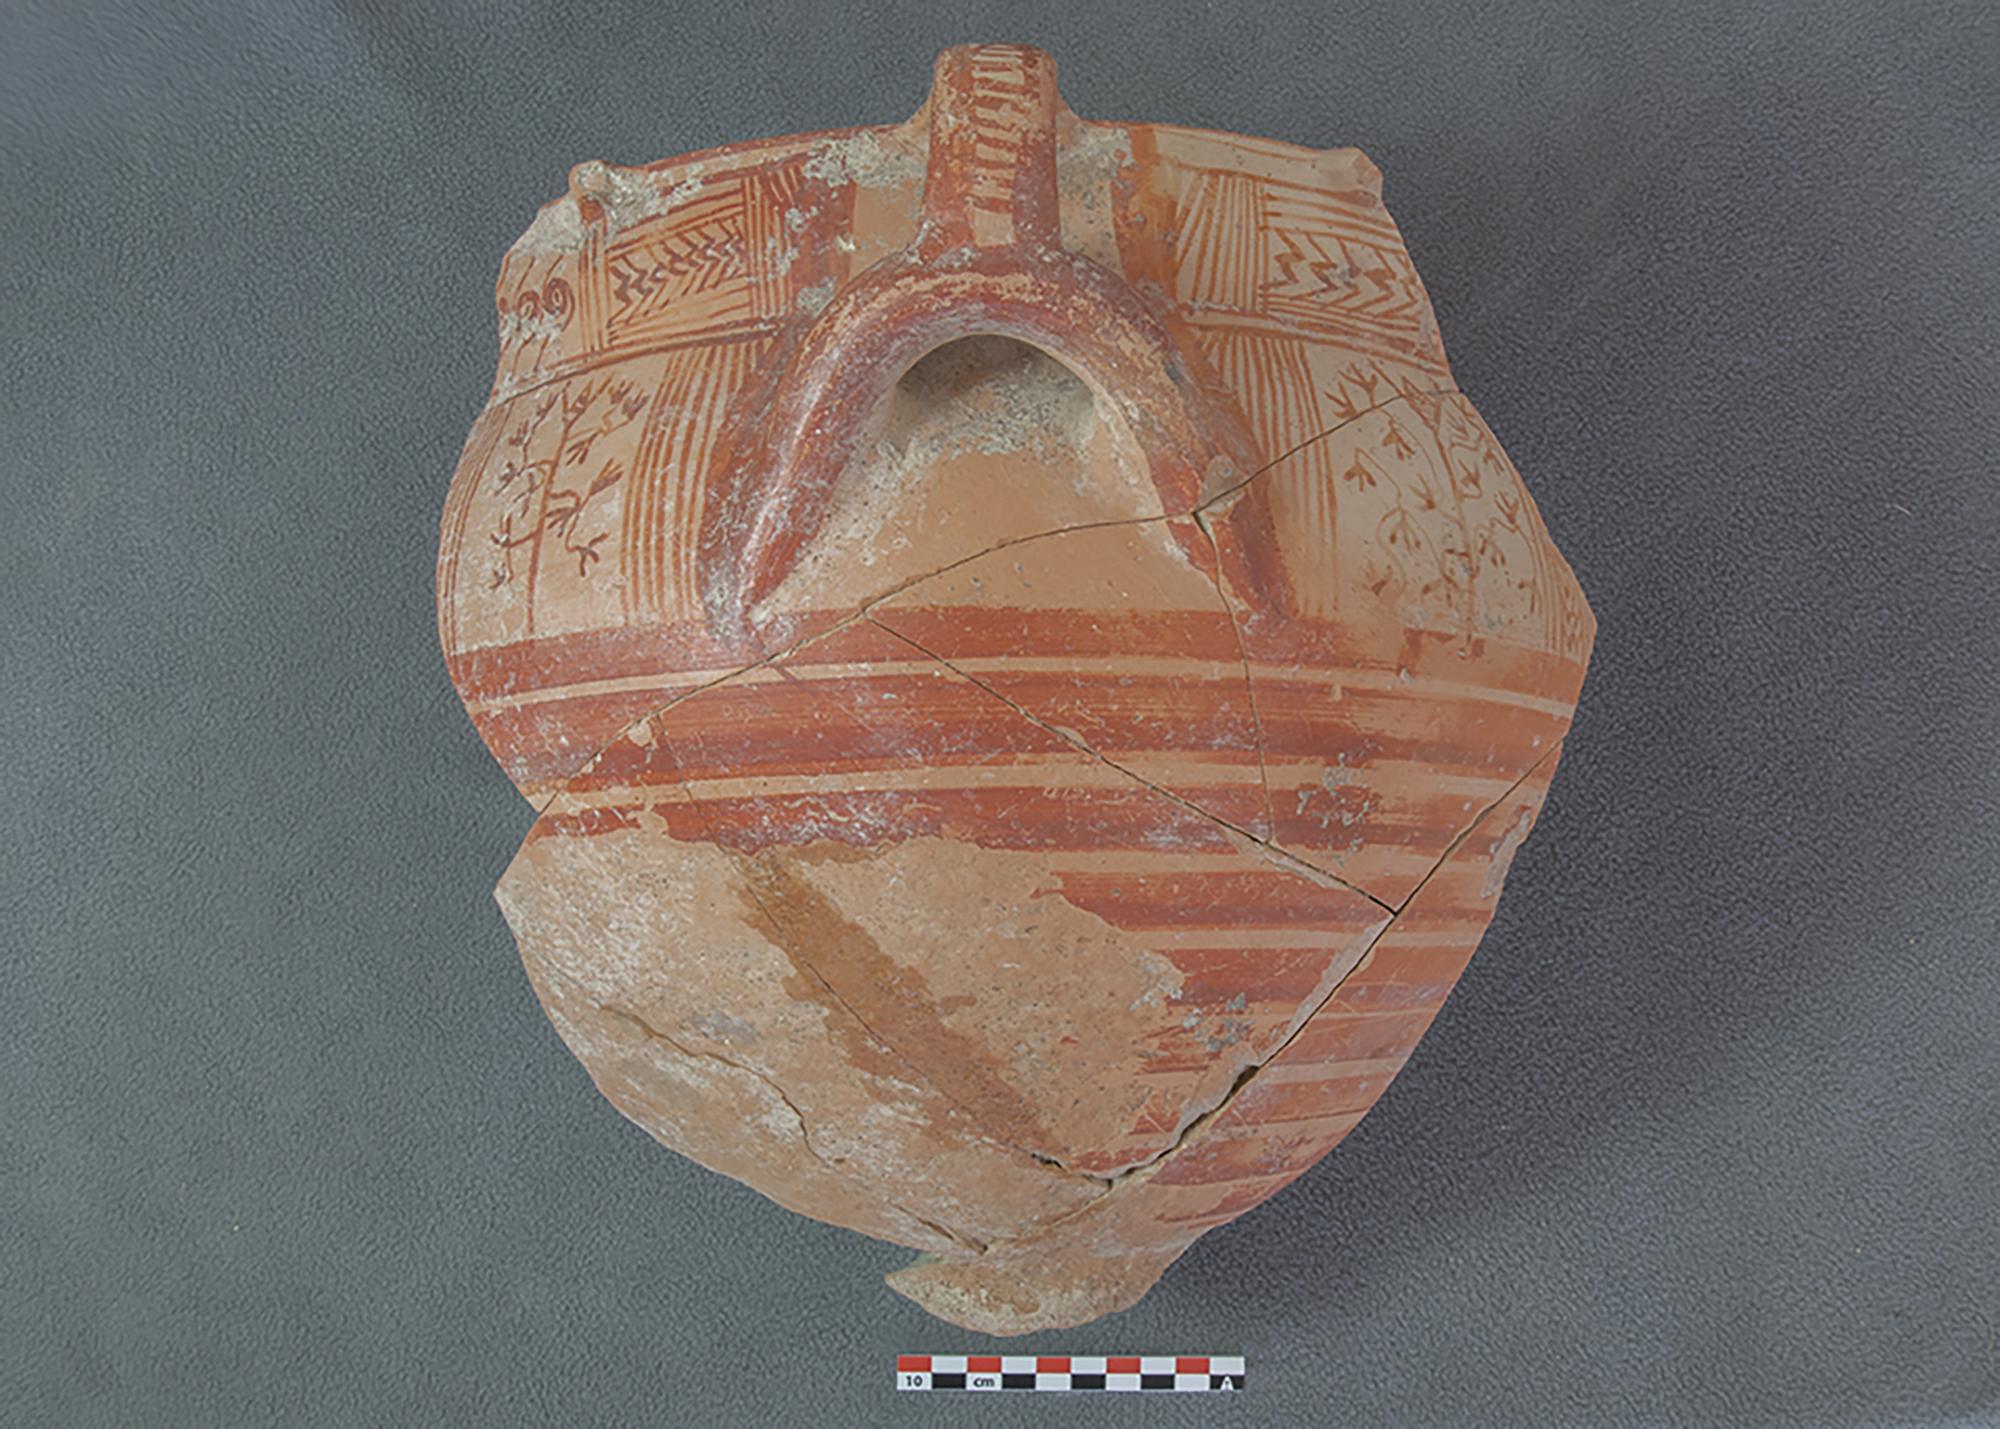 Keramikgefäss, das auf die Schafskelette gelegt war. © Institut für Archäologische Wissenschaften der Universität Bern, Projekt Sirkeli Höyük